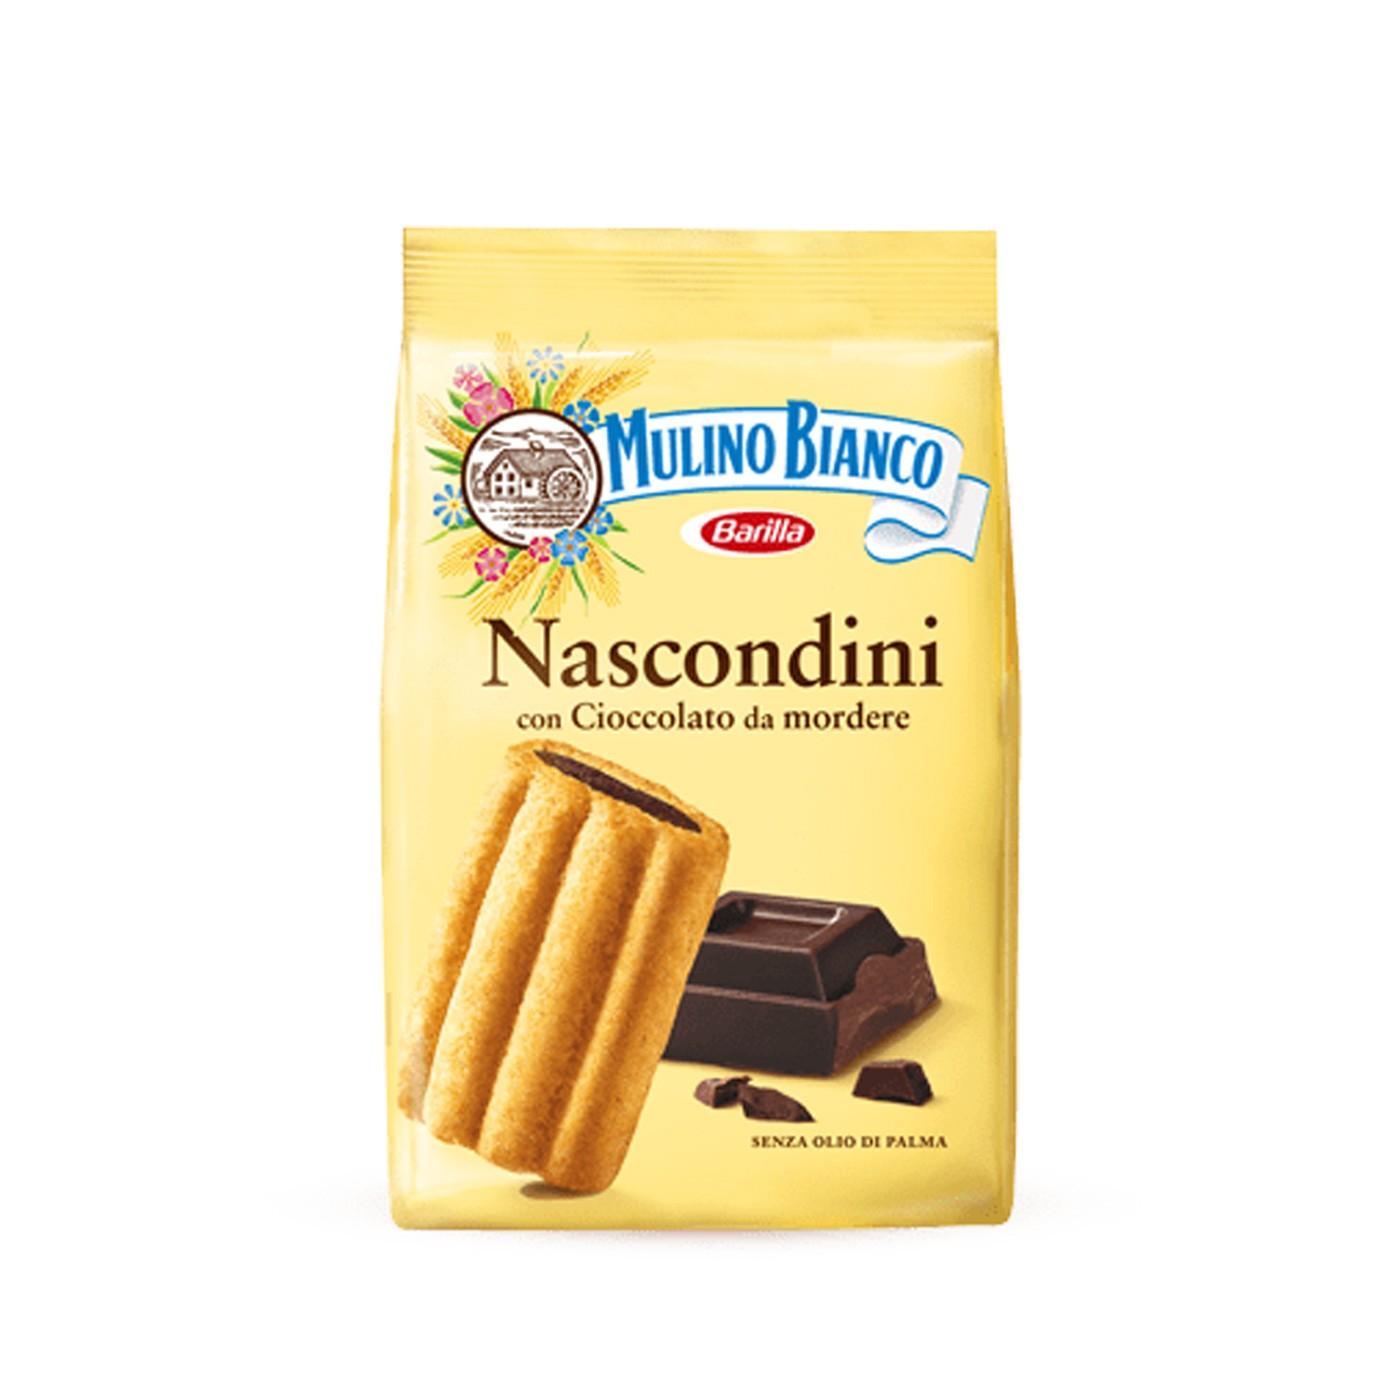 Nascondini Cookies 11 oz